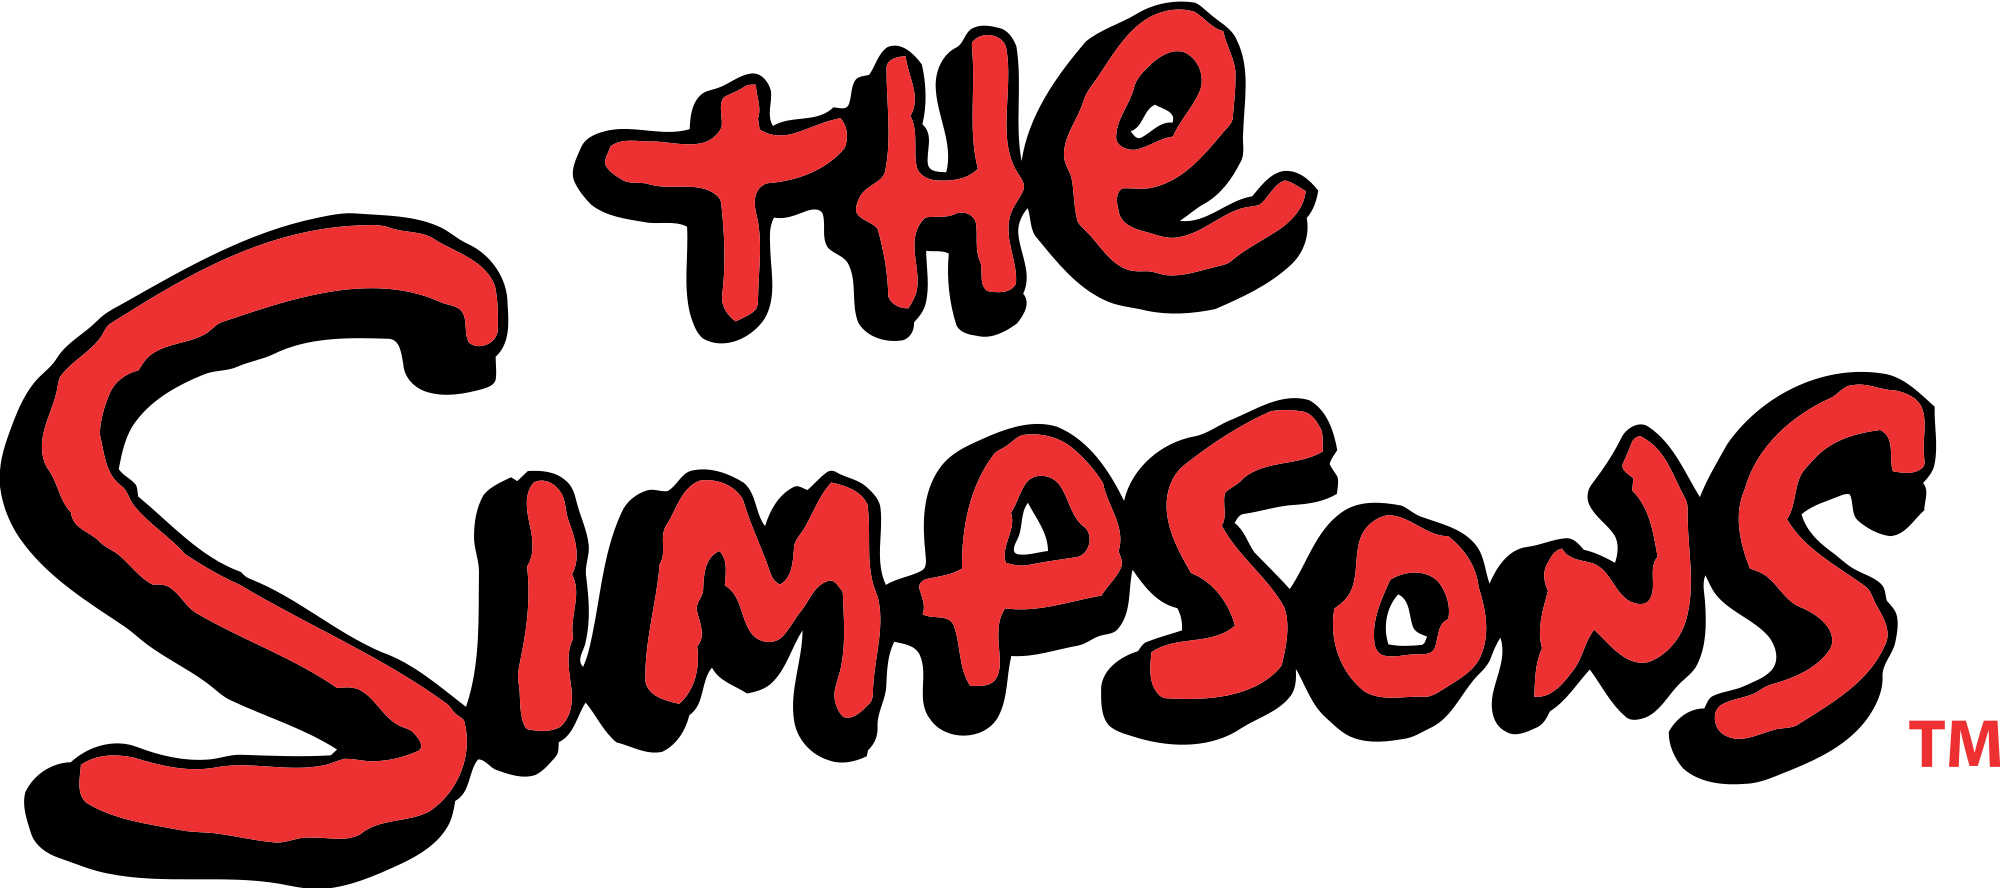 Los Simpsons Pueden Estar Llegando A Su Final Los Simpson Los Simpsons Dibujos De Los Simpson